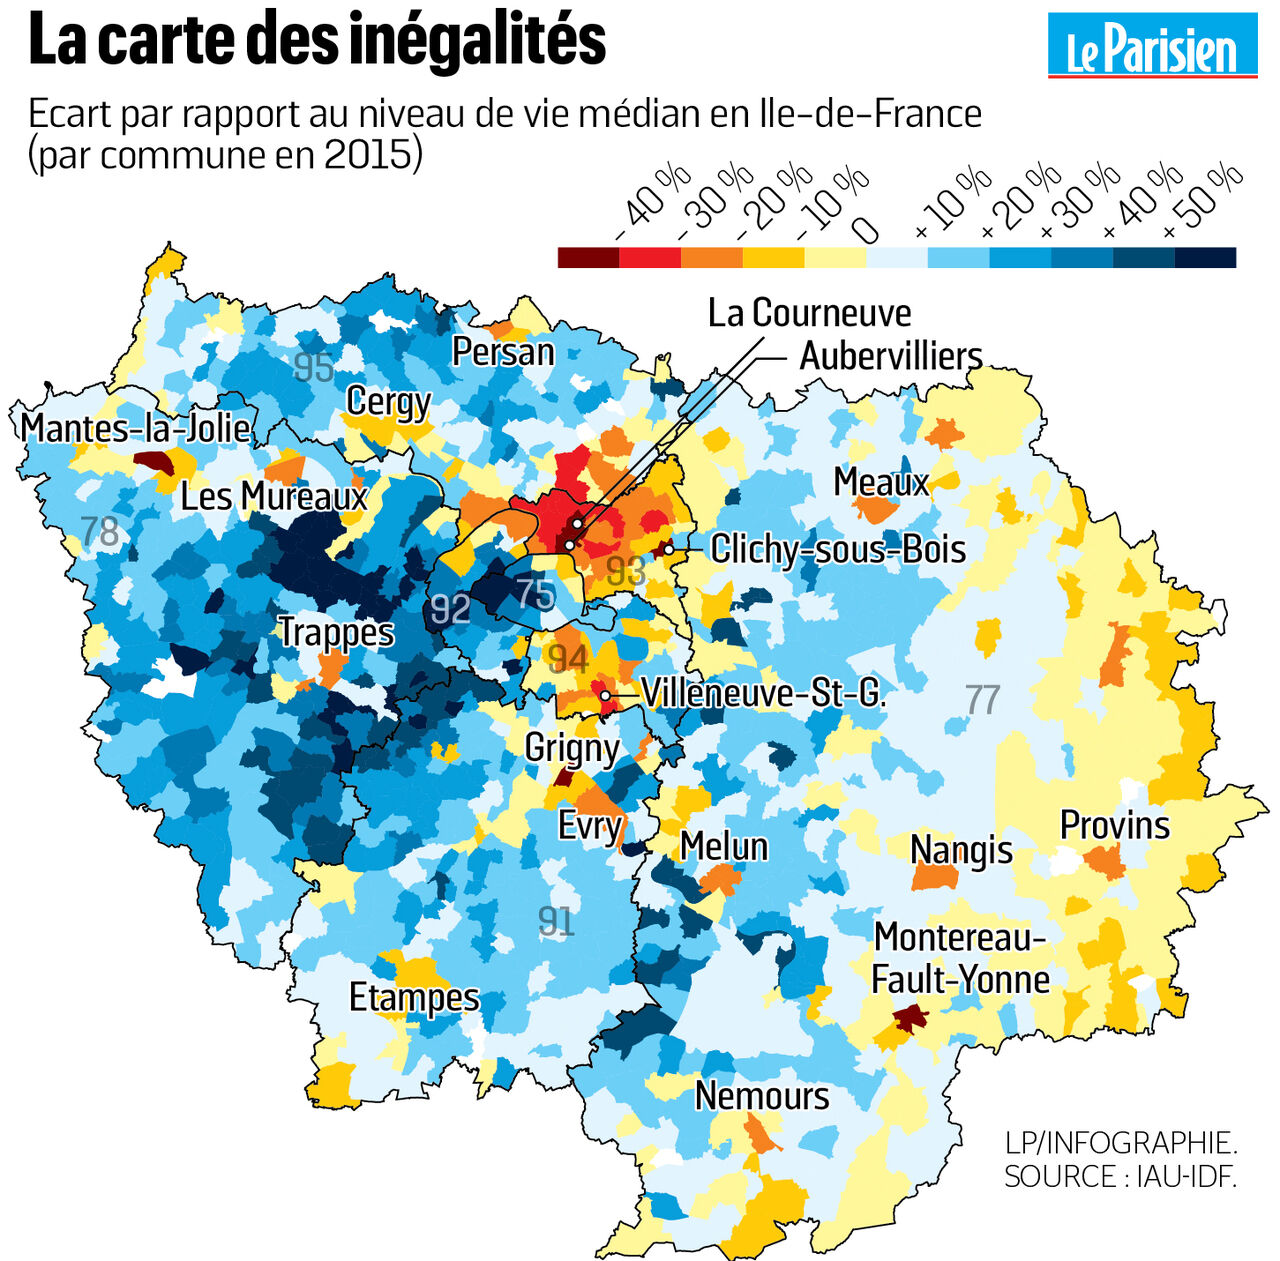 Les Inégalités Sociales Se Creusent En Ile De France Le